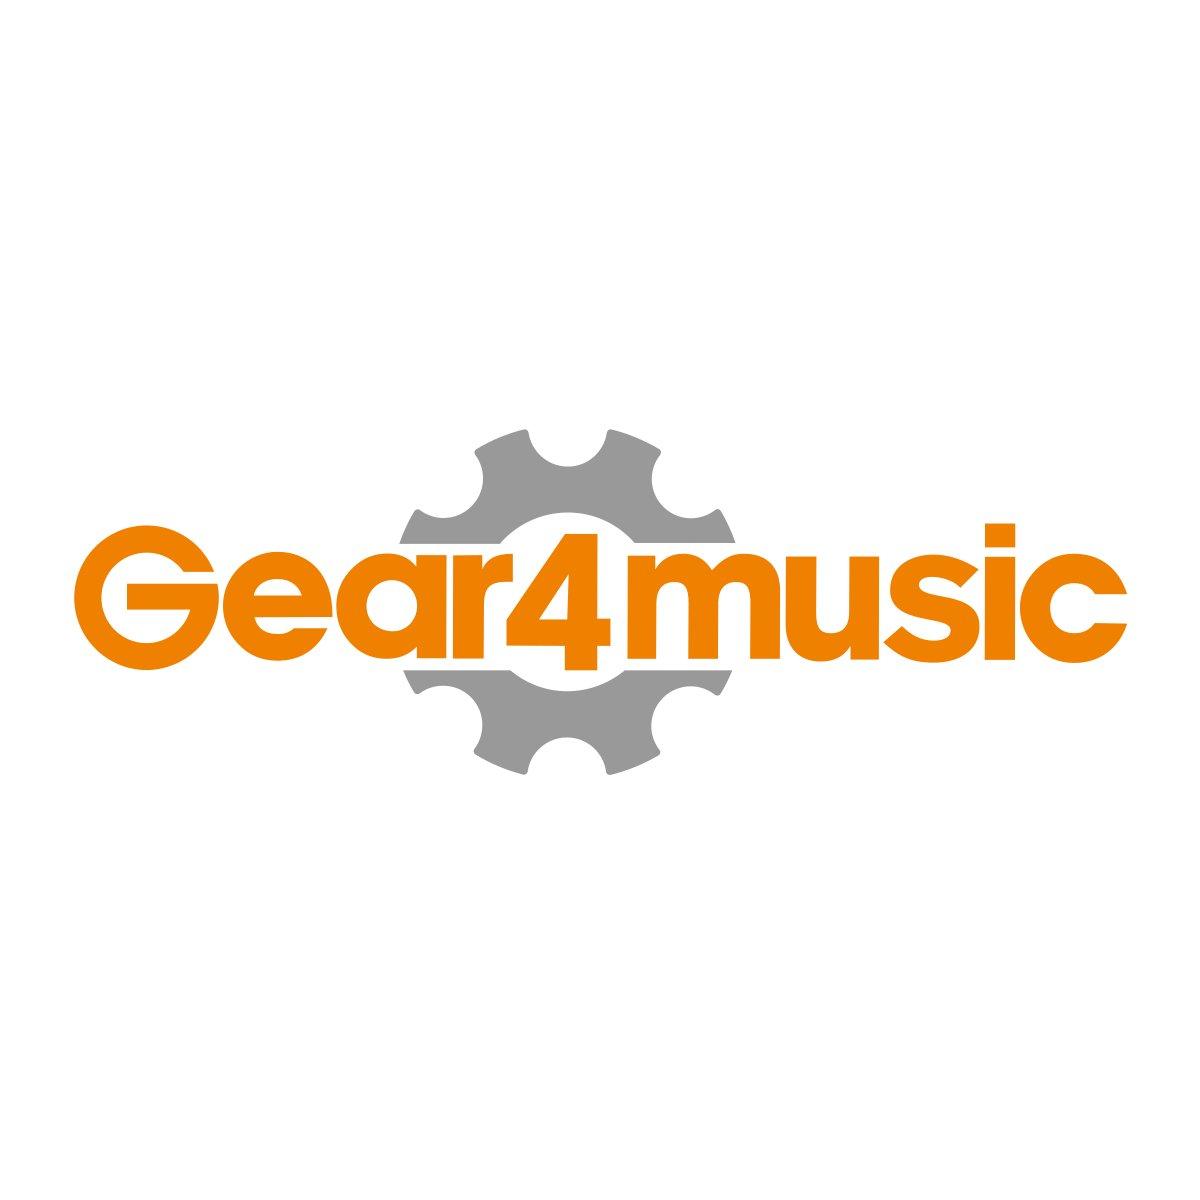 Stand per Violoncello Gear4music